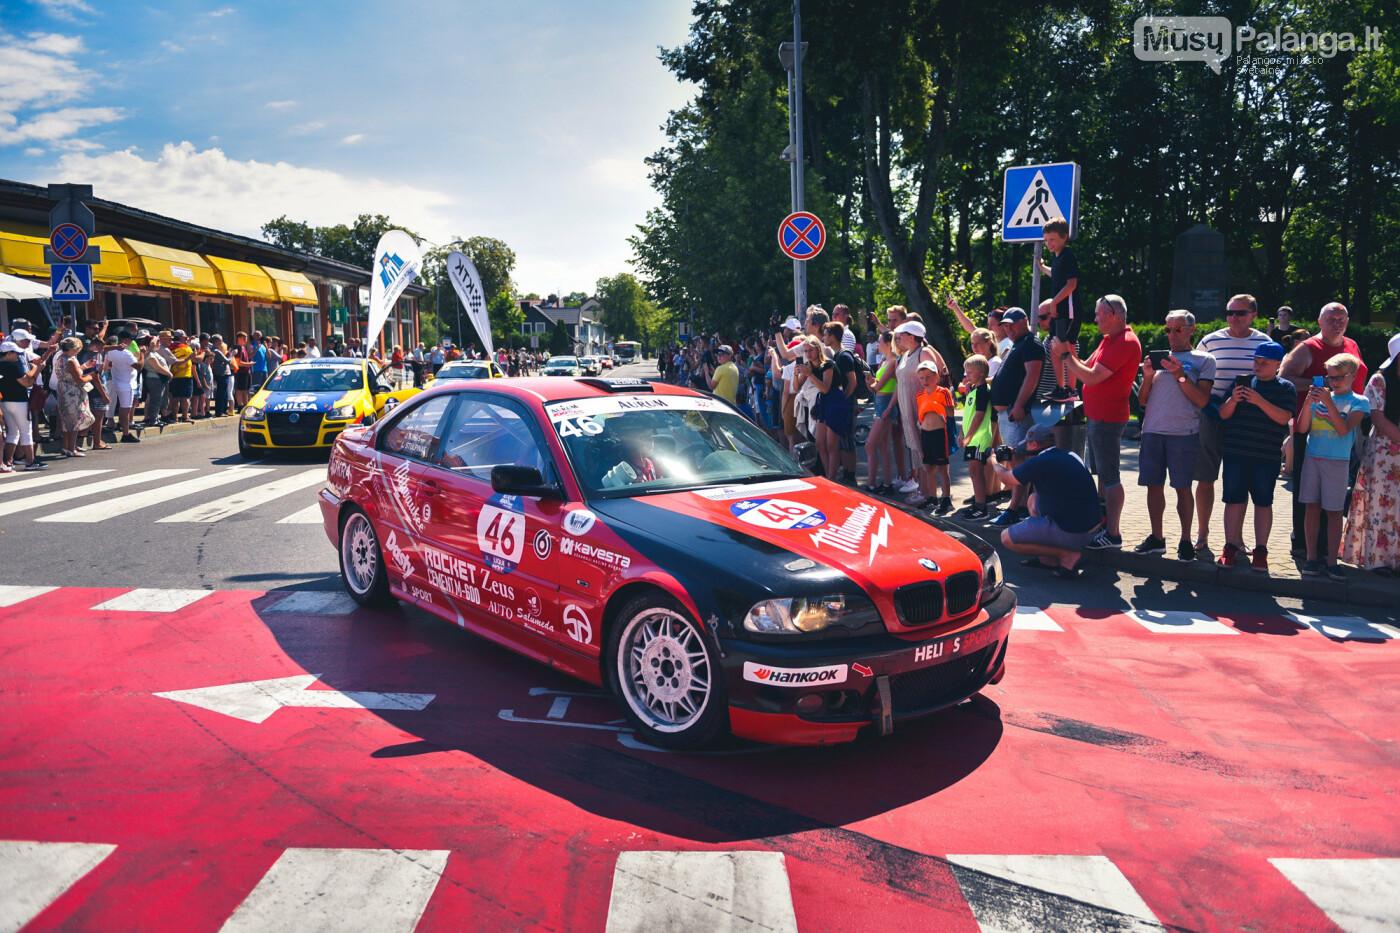 """Palanga alsuoja """"Aurum 1006 km lenktynių"""" ritmu, nuotrauka-102, Vytauto PILKAUSKO ir Arno STRUMILOS nuotr."""